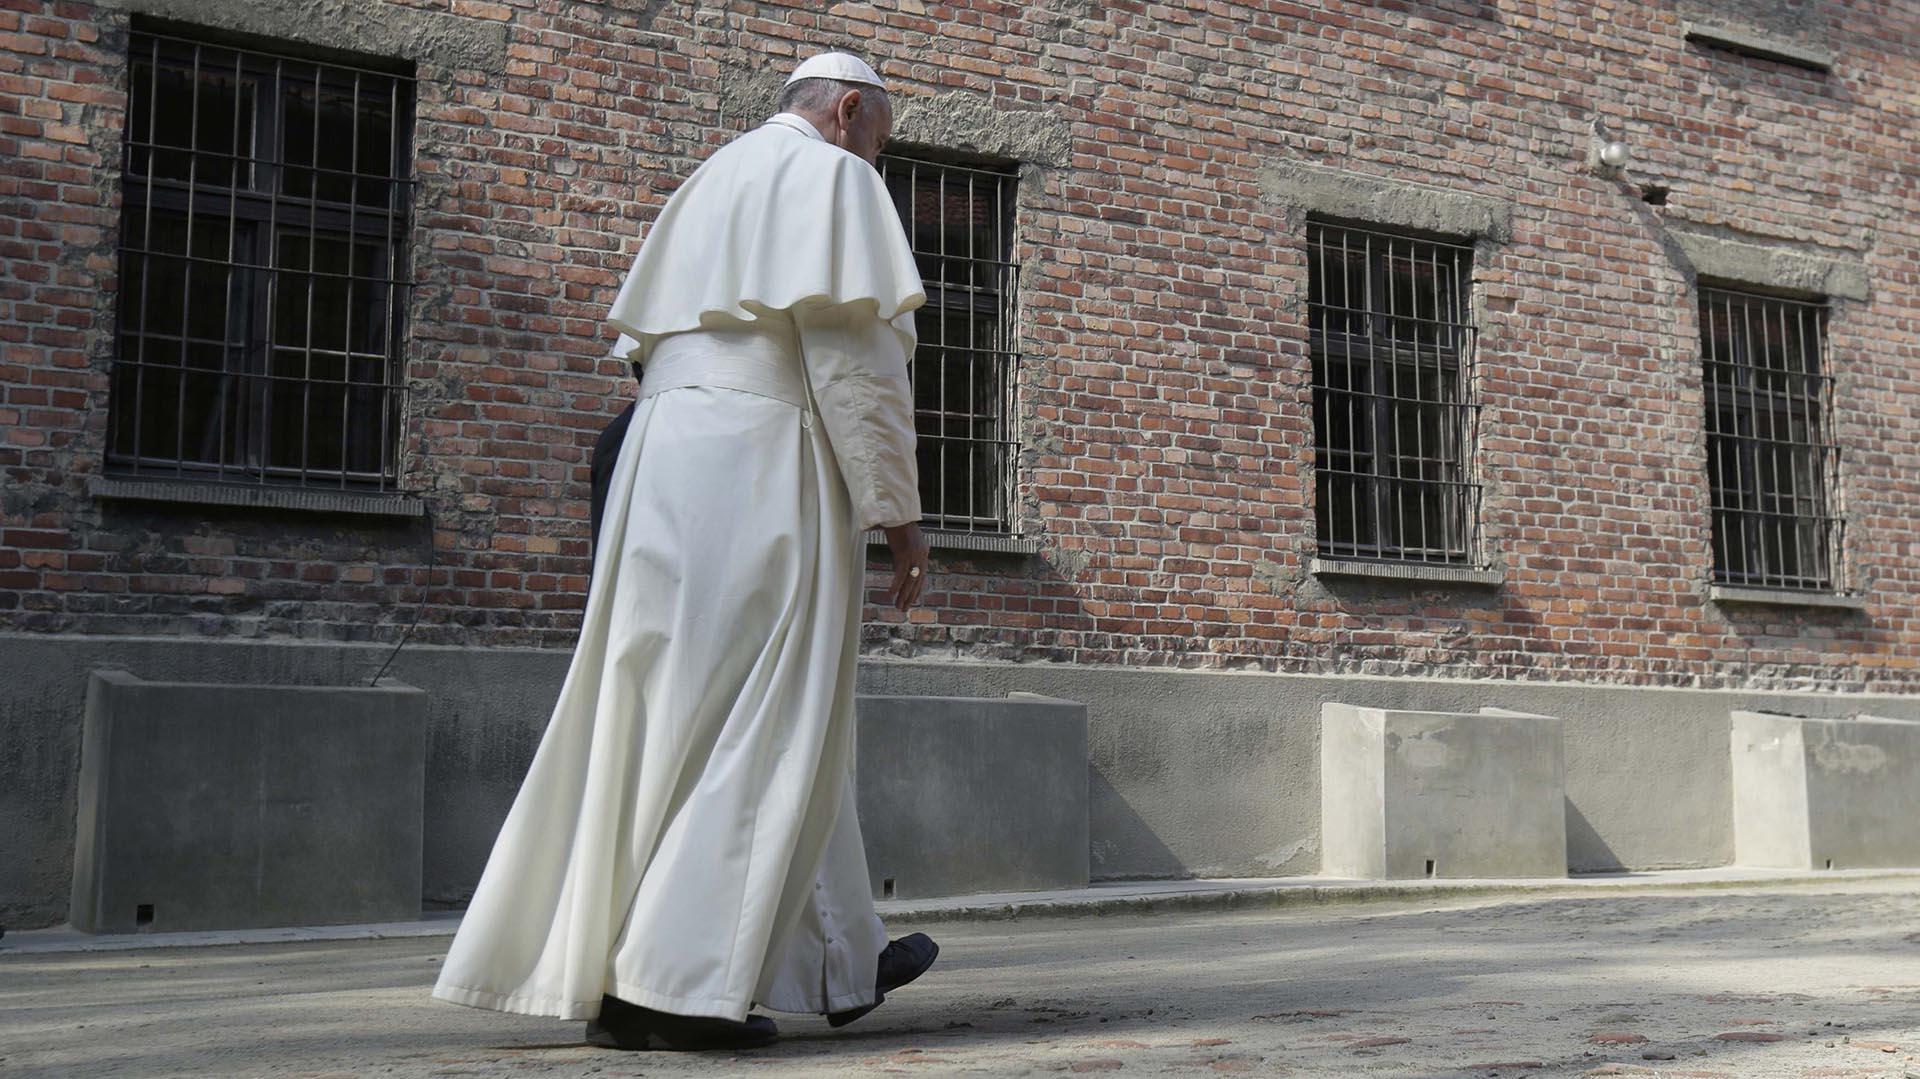 El papa Francisco camina cabizbajo durante su visita al campo de concentración nazi de Auschwitz (Reuters)